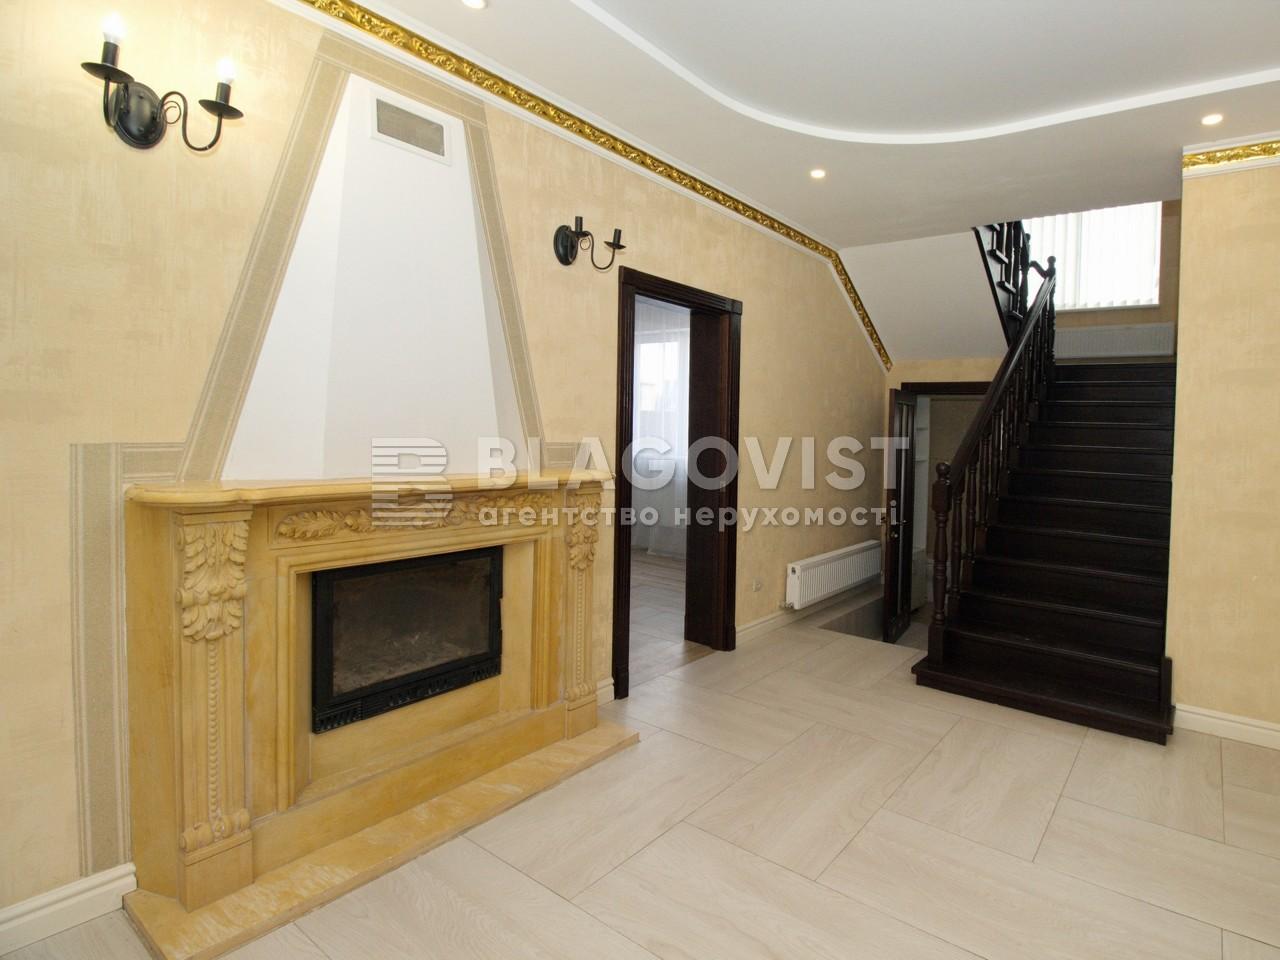 Дом R-39059, Центральная, Киев - Фото 3